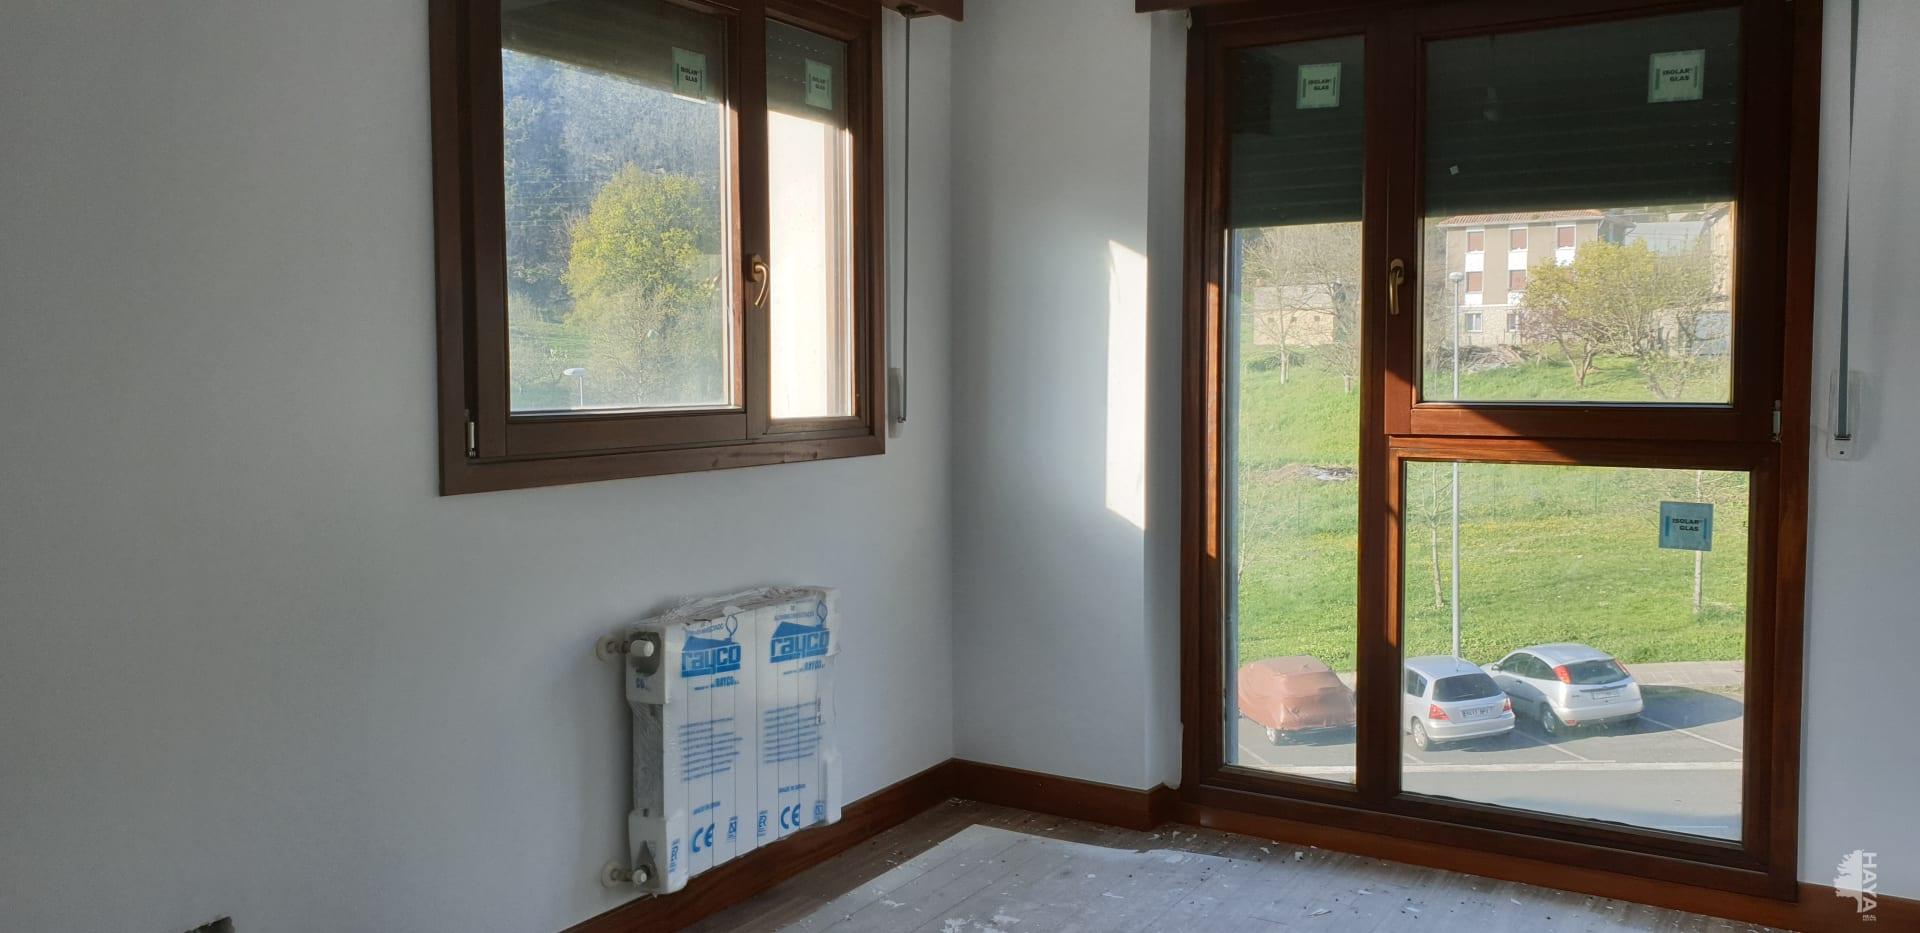 Piso en venta en Lemoa, Vizcaya, Calle Pozueta, 134.000 €, 2 habitaciones, 1 baño, 71 m2